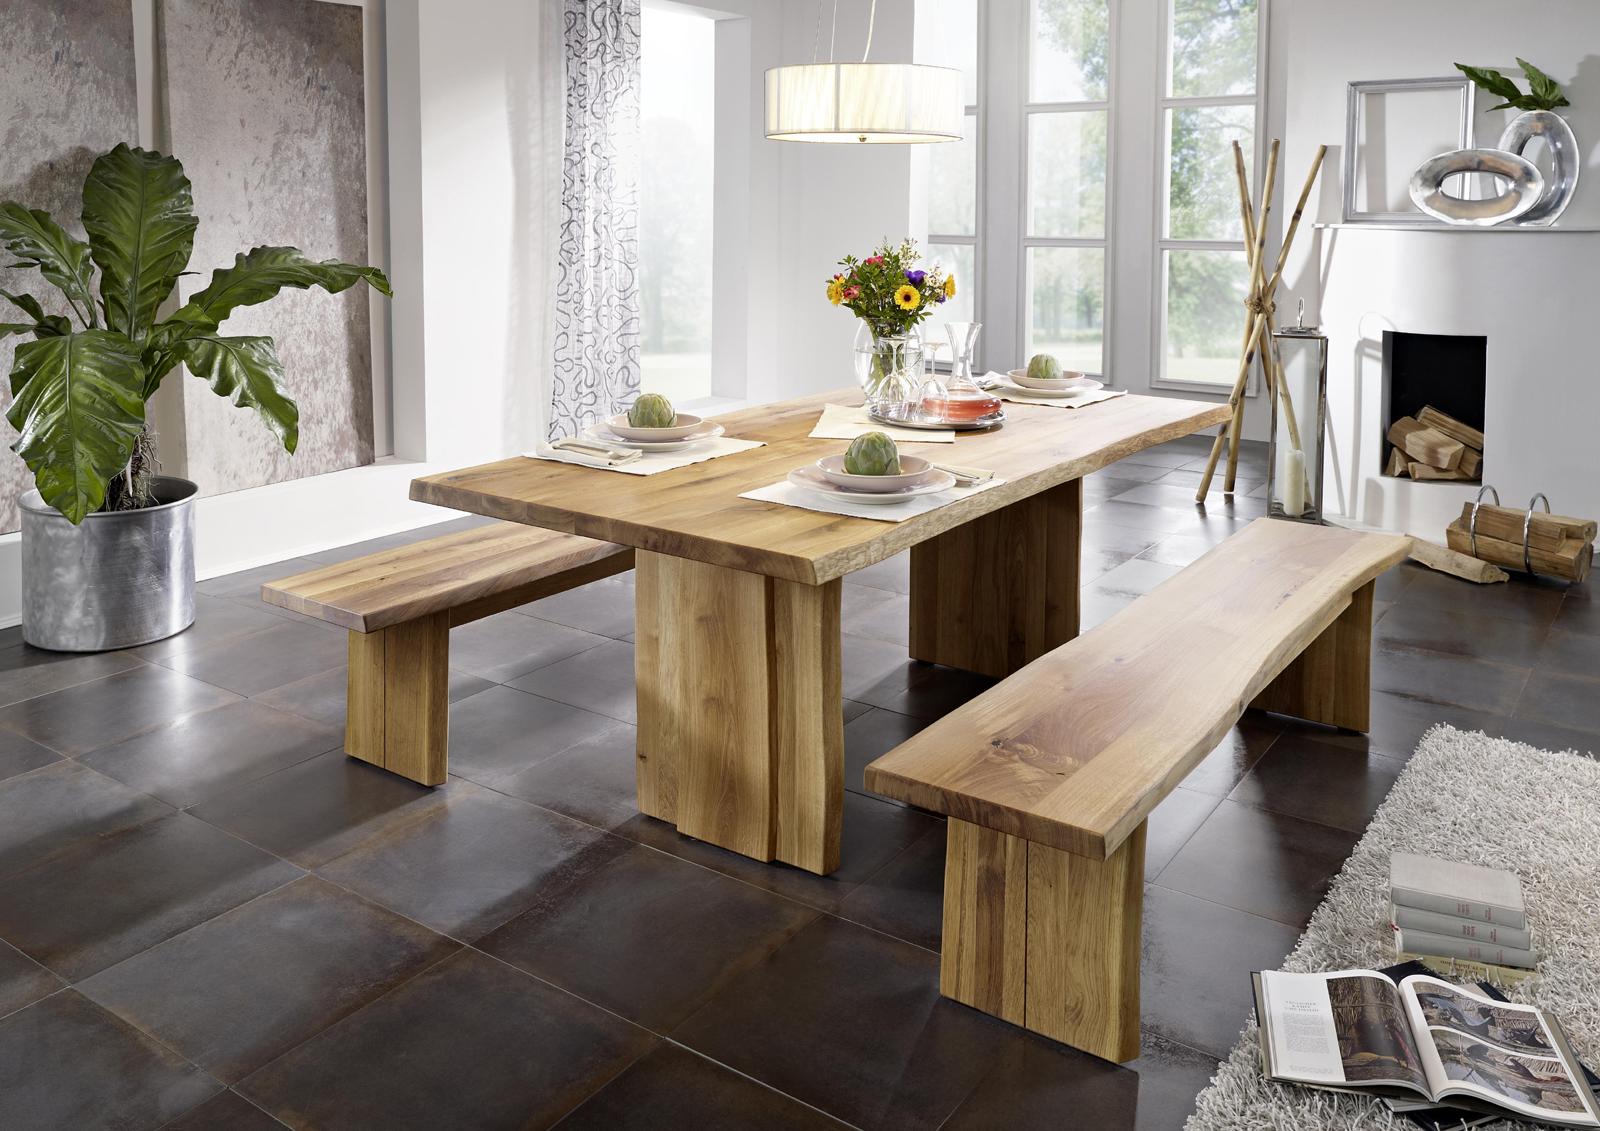 Sam baumtisch aus ge lter wildeiche 220 x 100 cm zinst - Baumtisch esszimmer ...